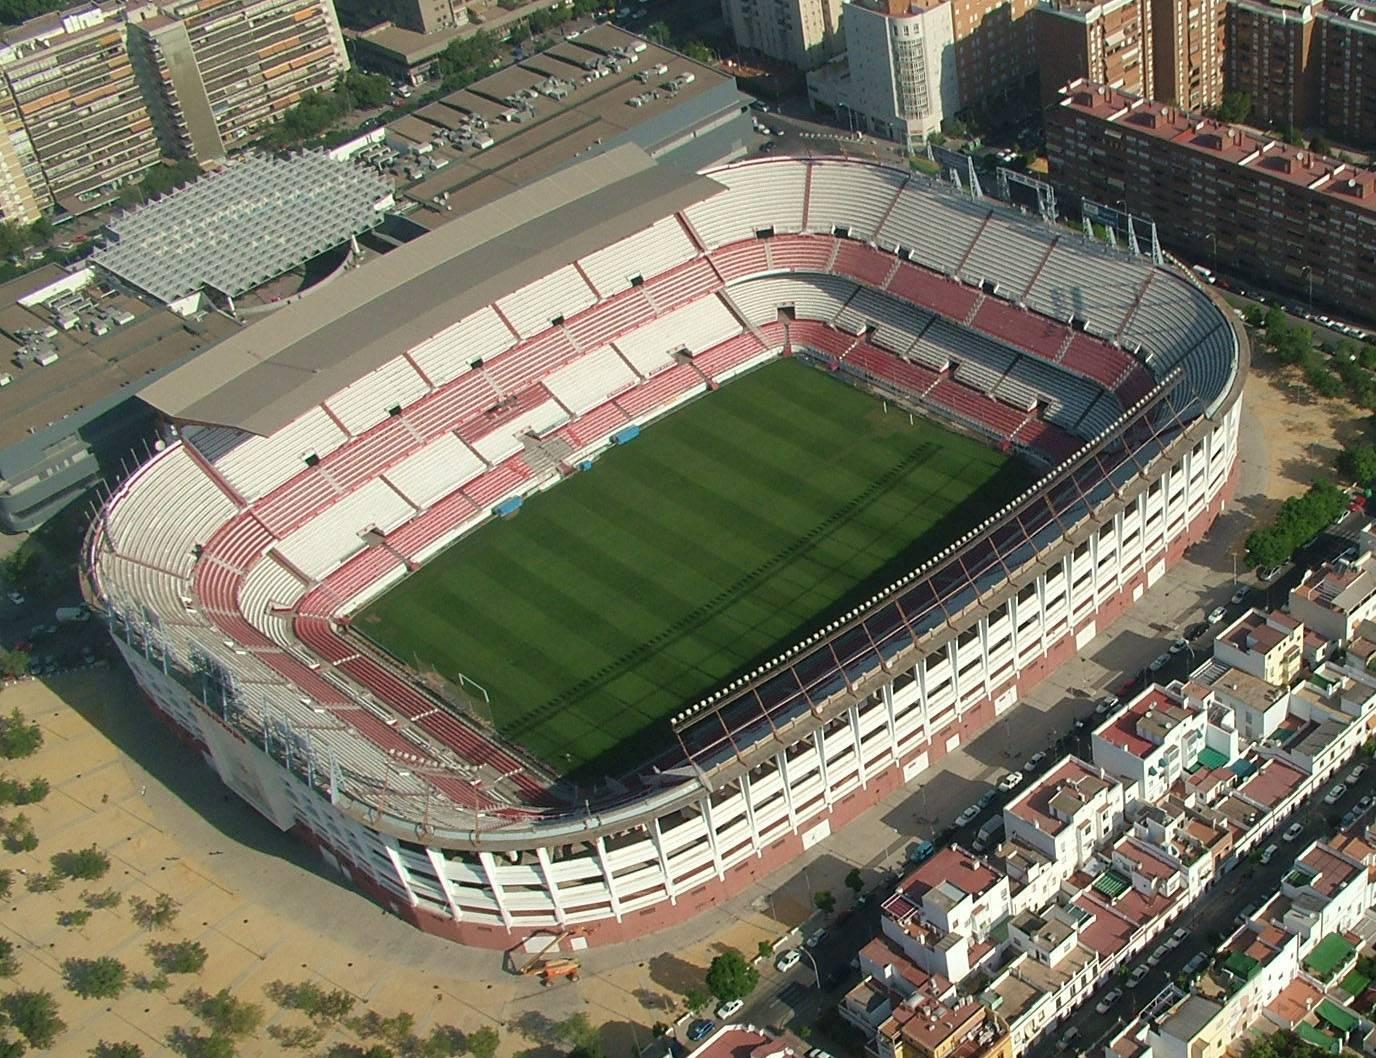 Список футбольных стадионов испании — википедия. что такое список футбольных стадионов испании